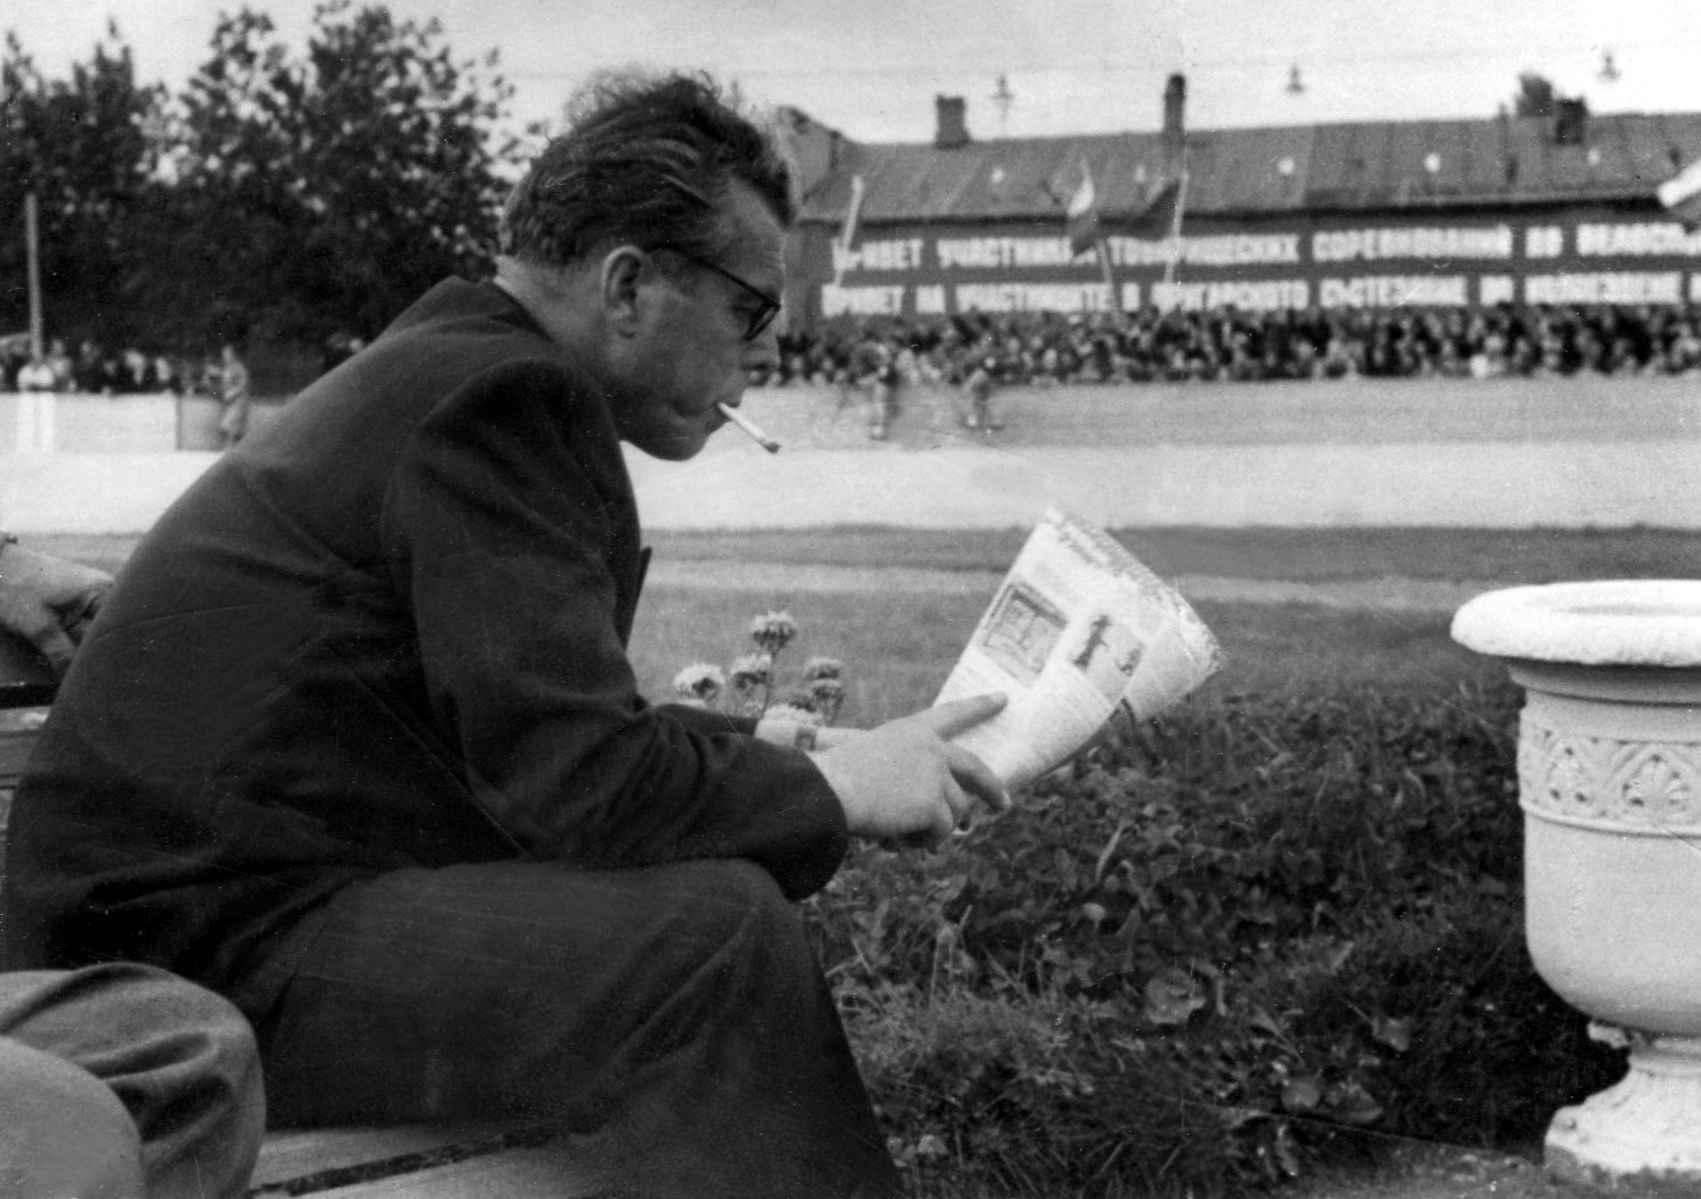 Экспонат #51. Бойков Владимир Николаевич. 1950 год